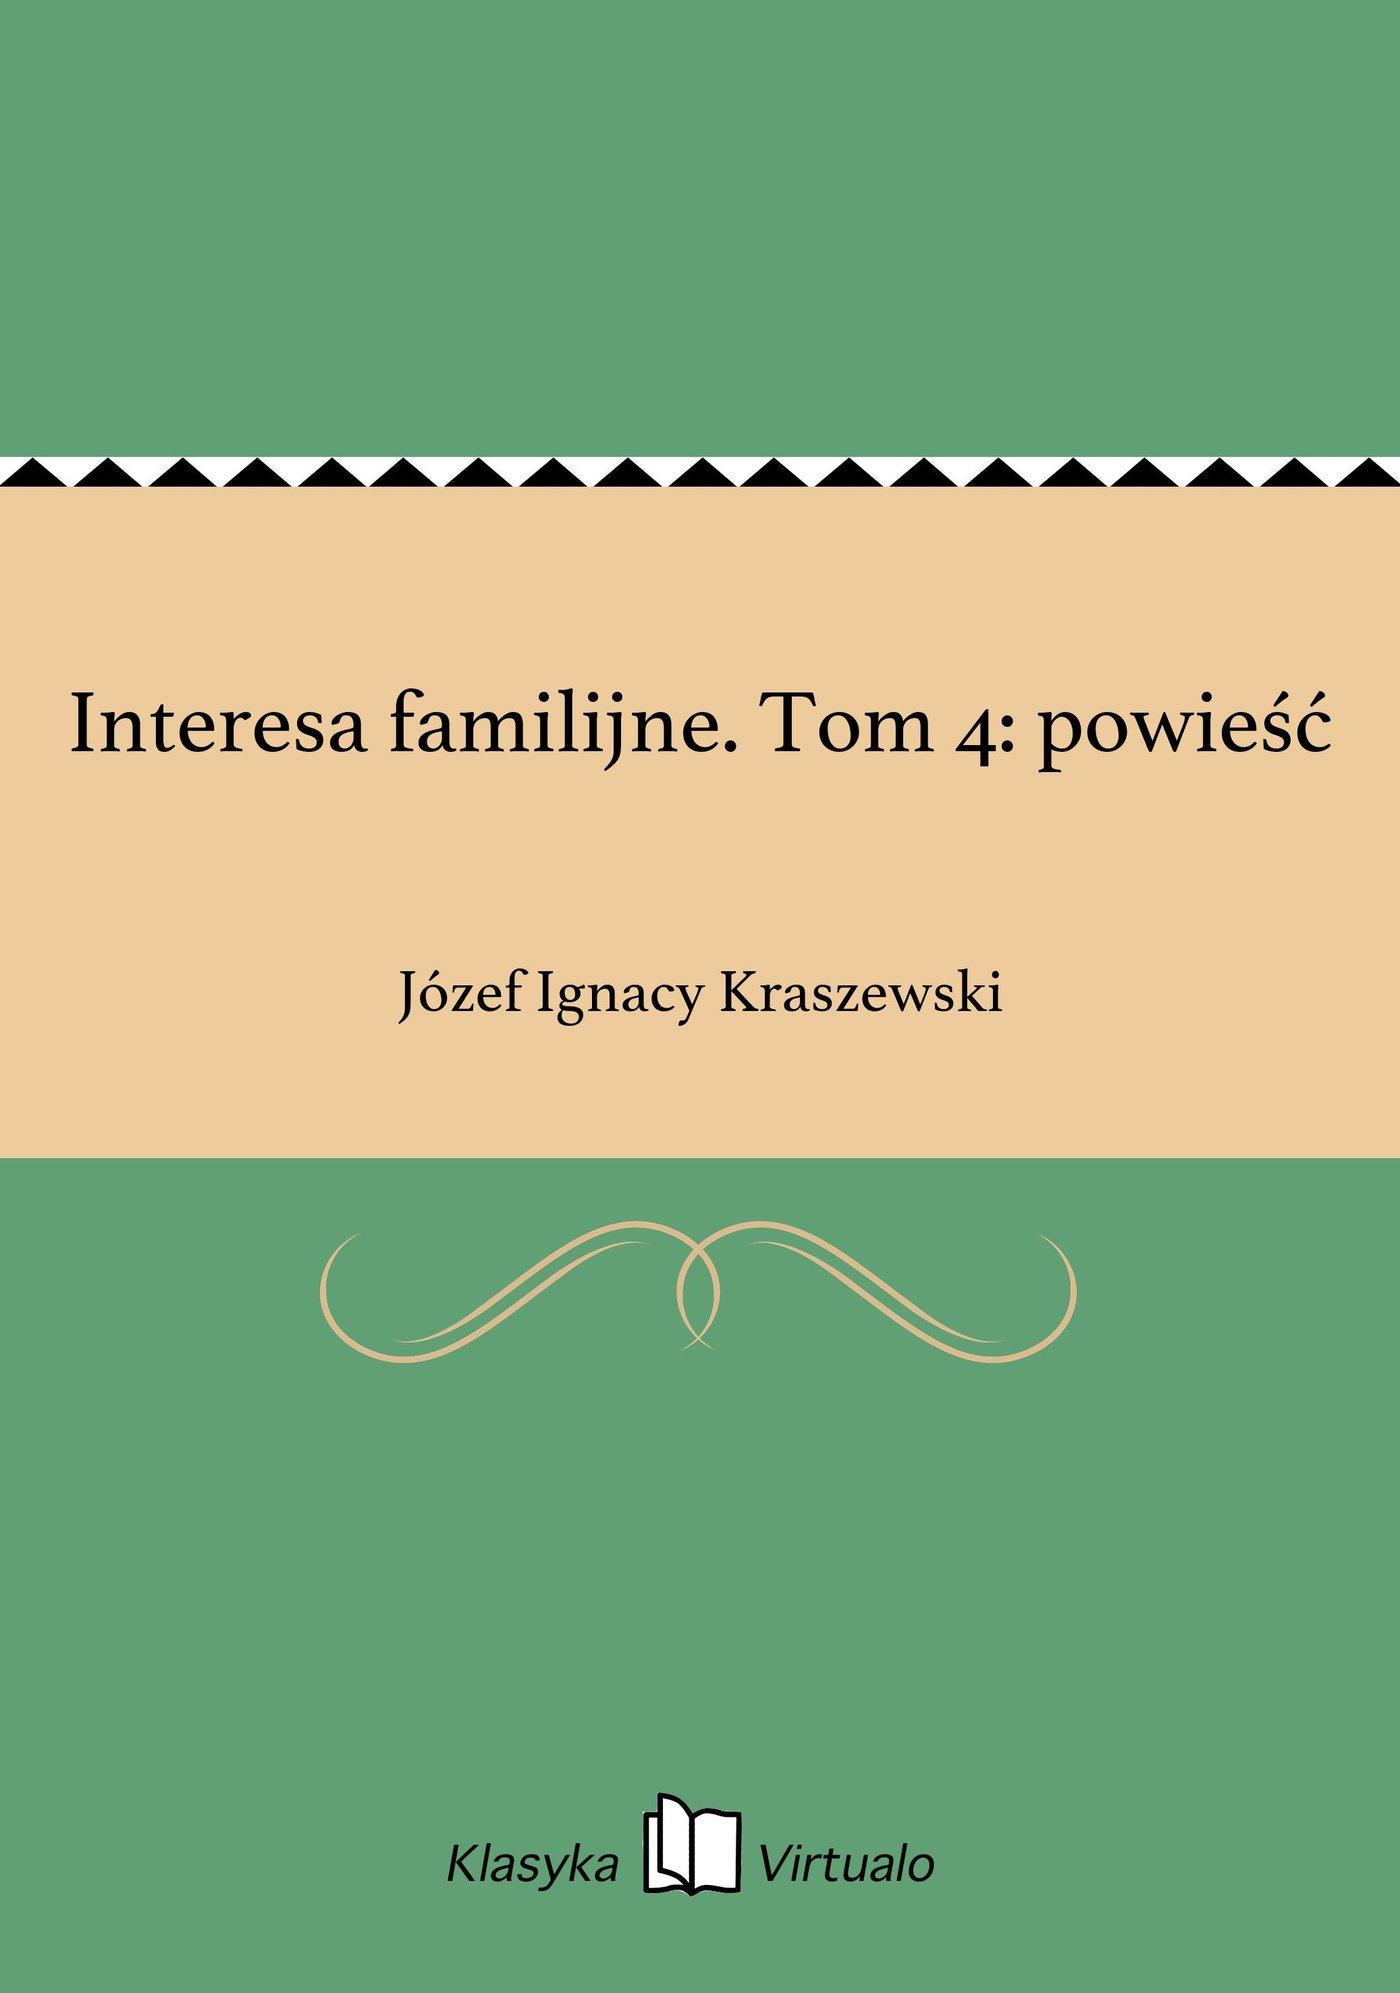 Interesa familijne. Tom 4: powieść - Ebook (Książka EPUB) do pobrania w formacie EPUB